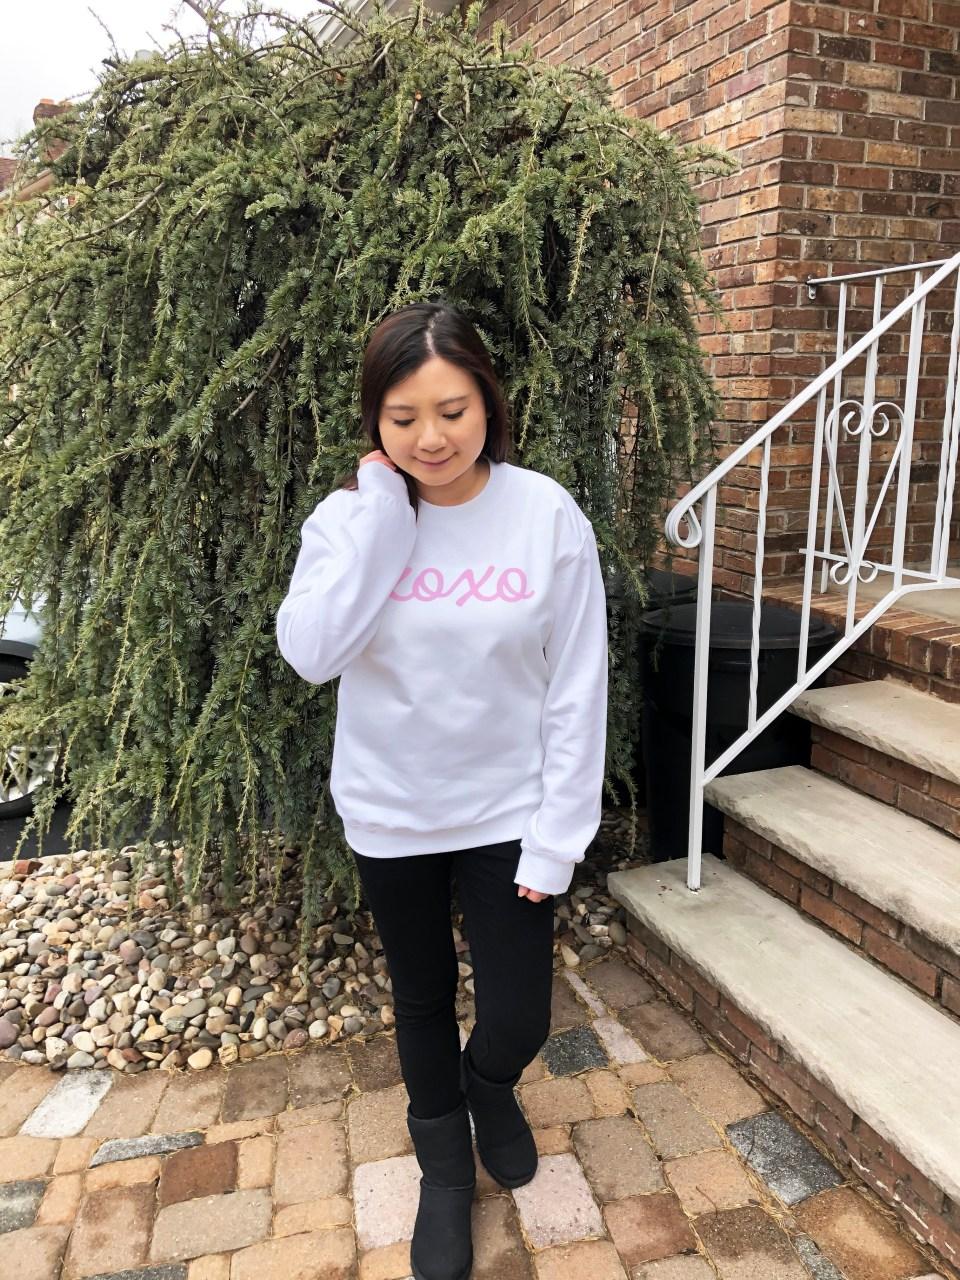 xoxo sweatshirt 8